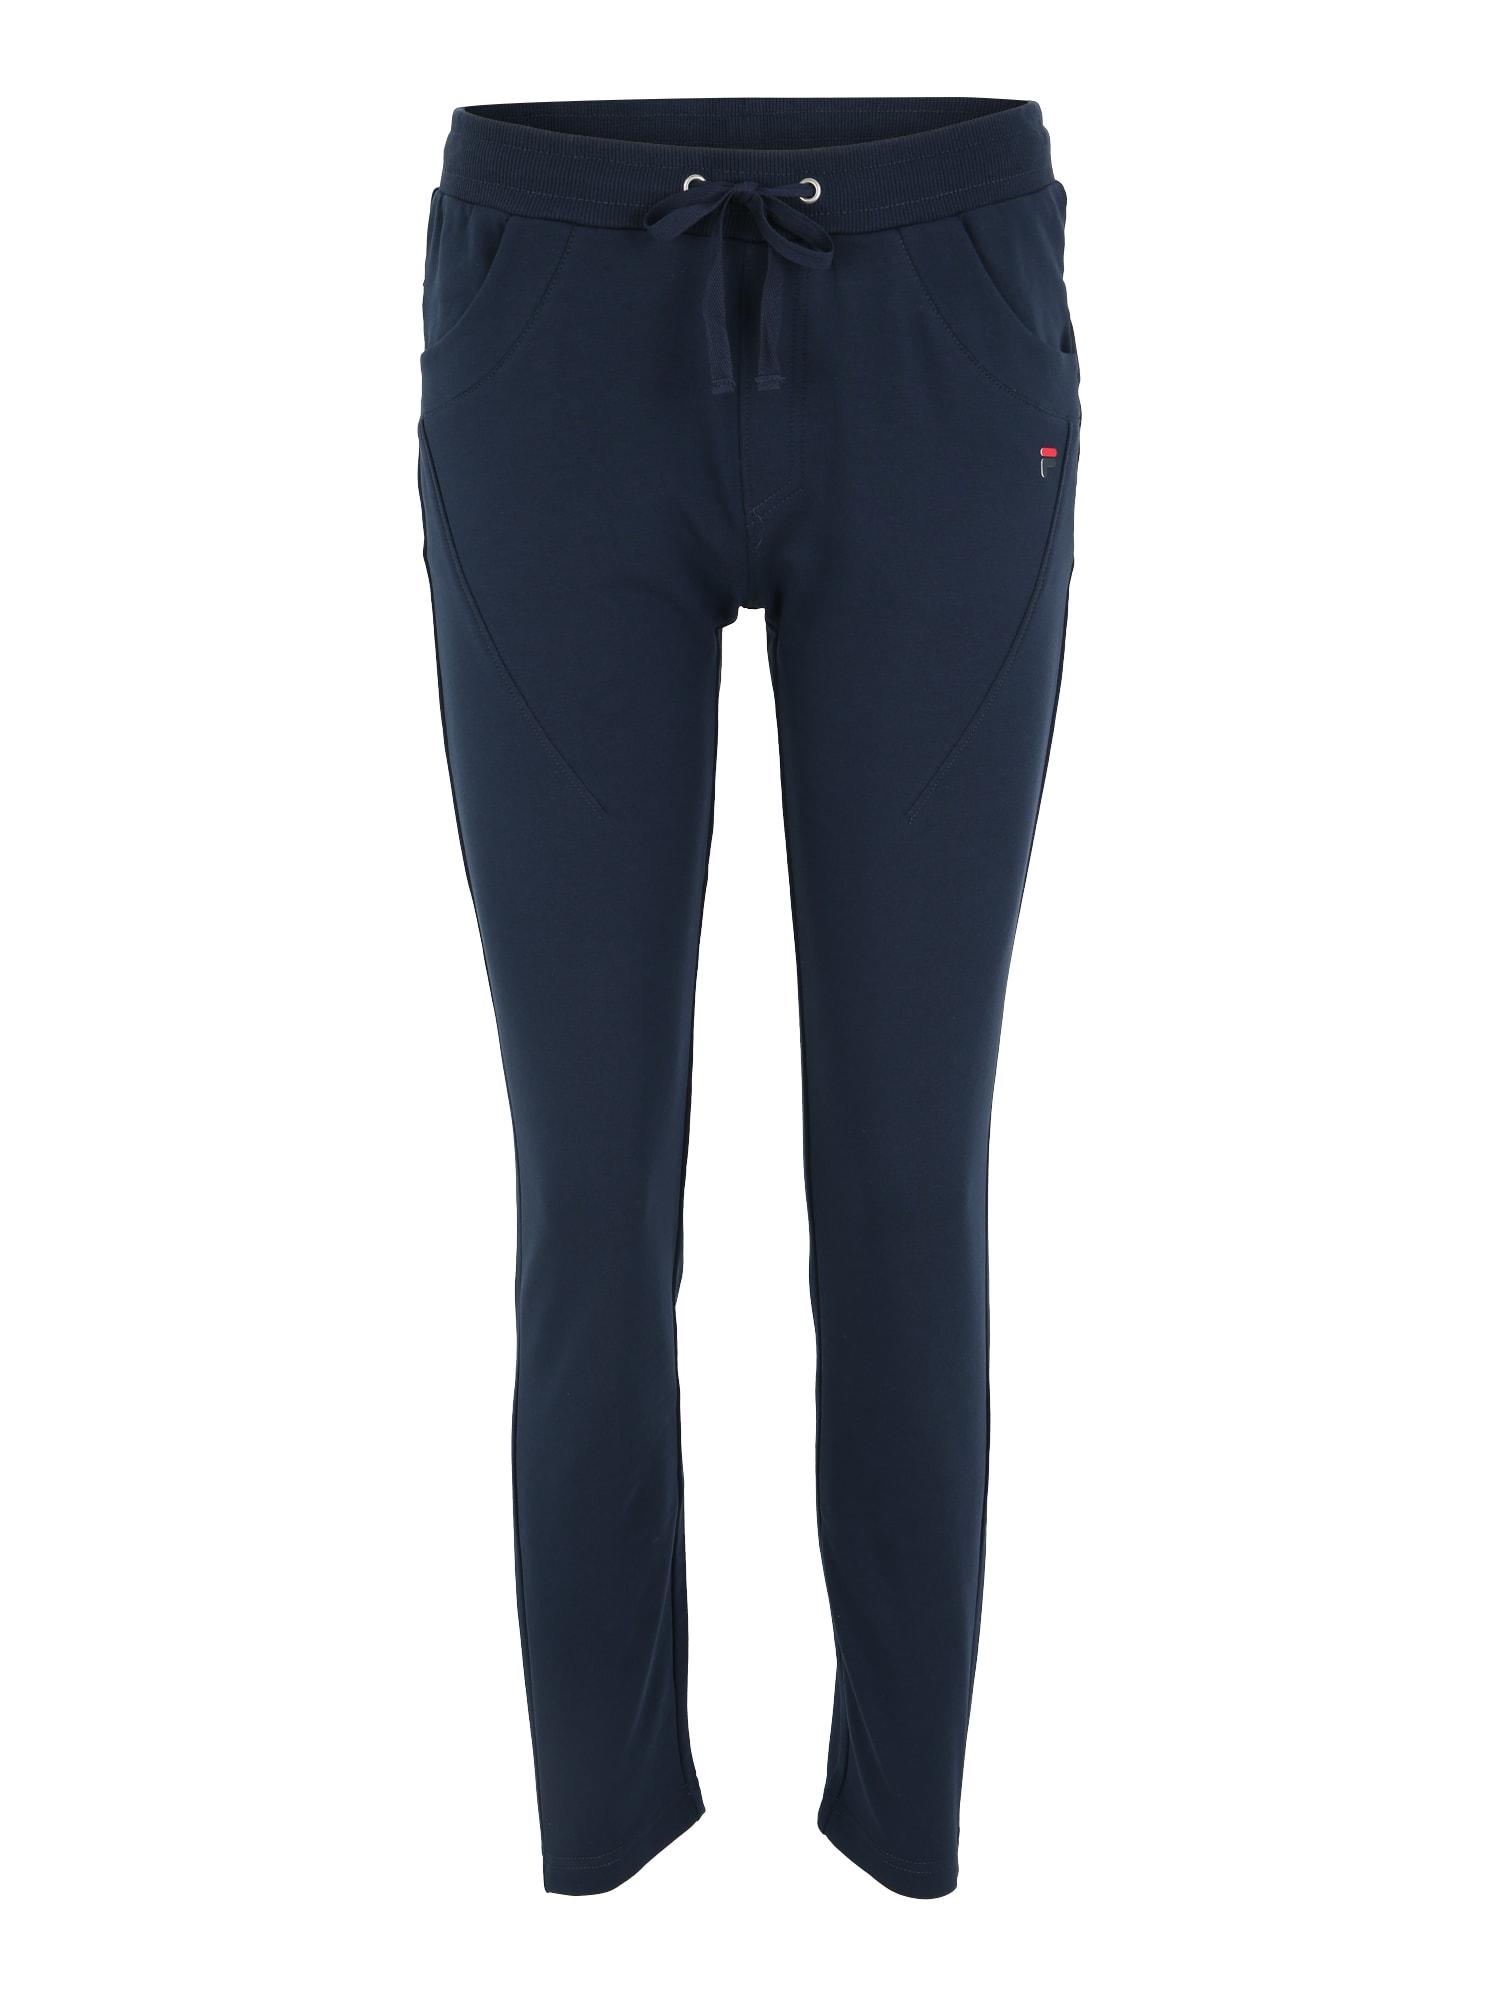 Sportovní kalhoty Philline tmavě modrá FILA